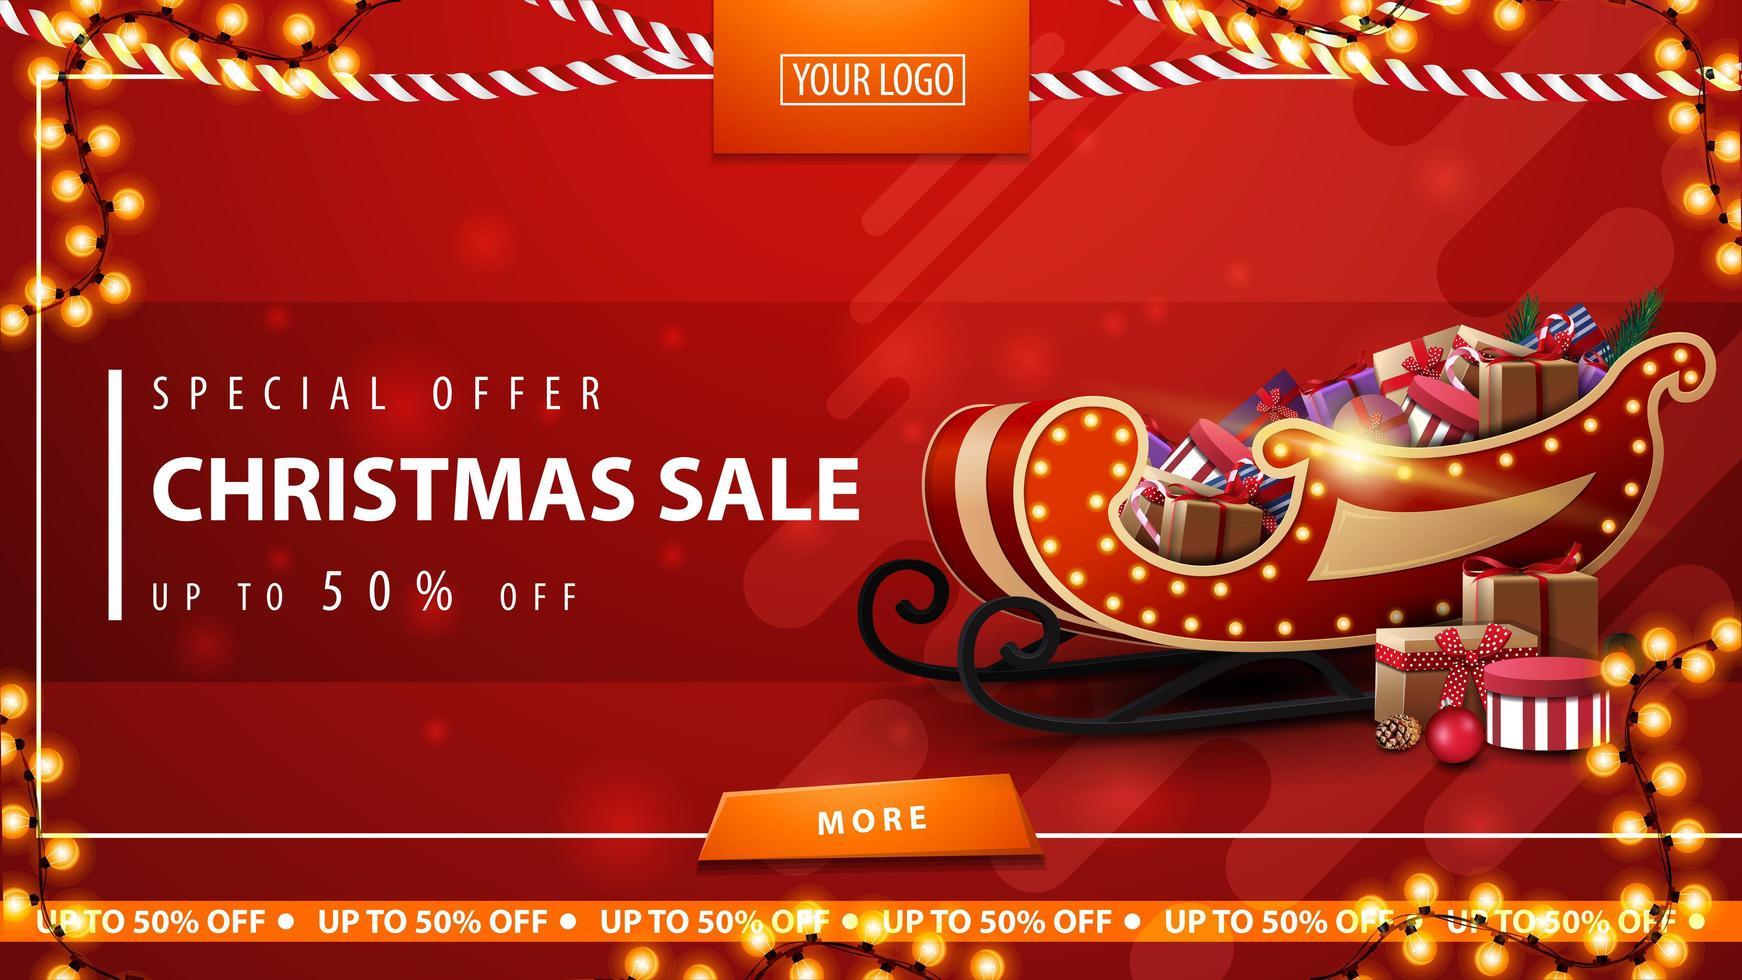 specialerbjudande, julförsäljning, upp till 50 rabatter, röd rabattbanner med kransar, knapp, plats för logotyp och jultomten med presenter vektor